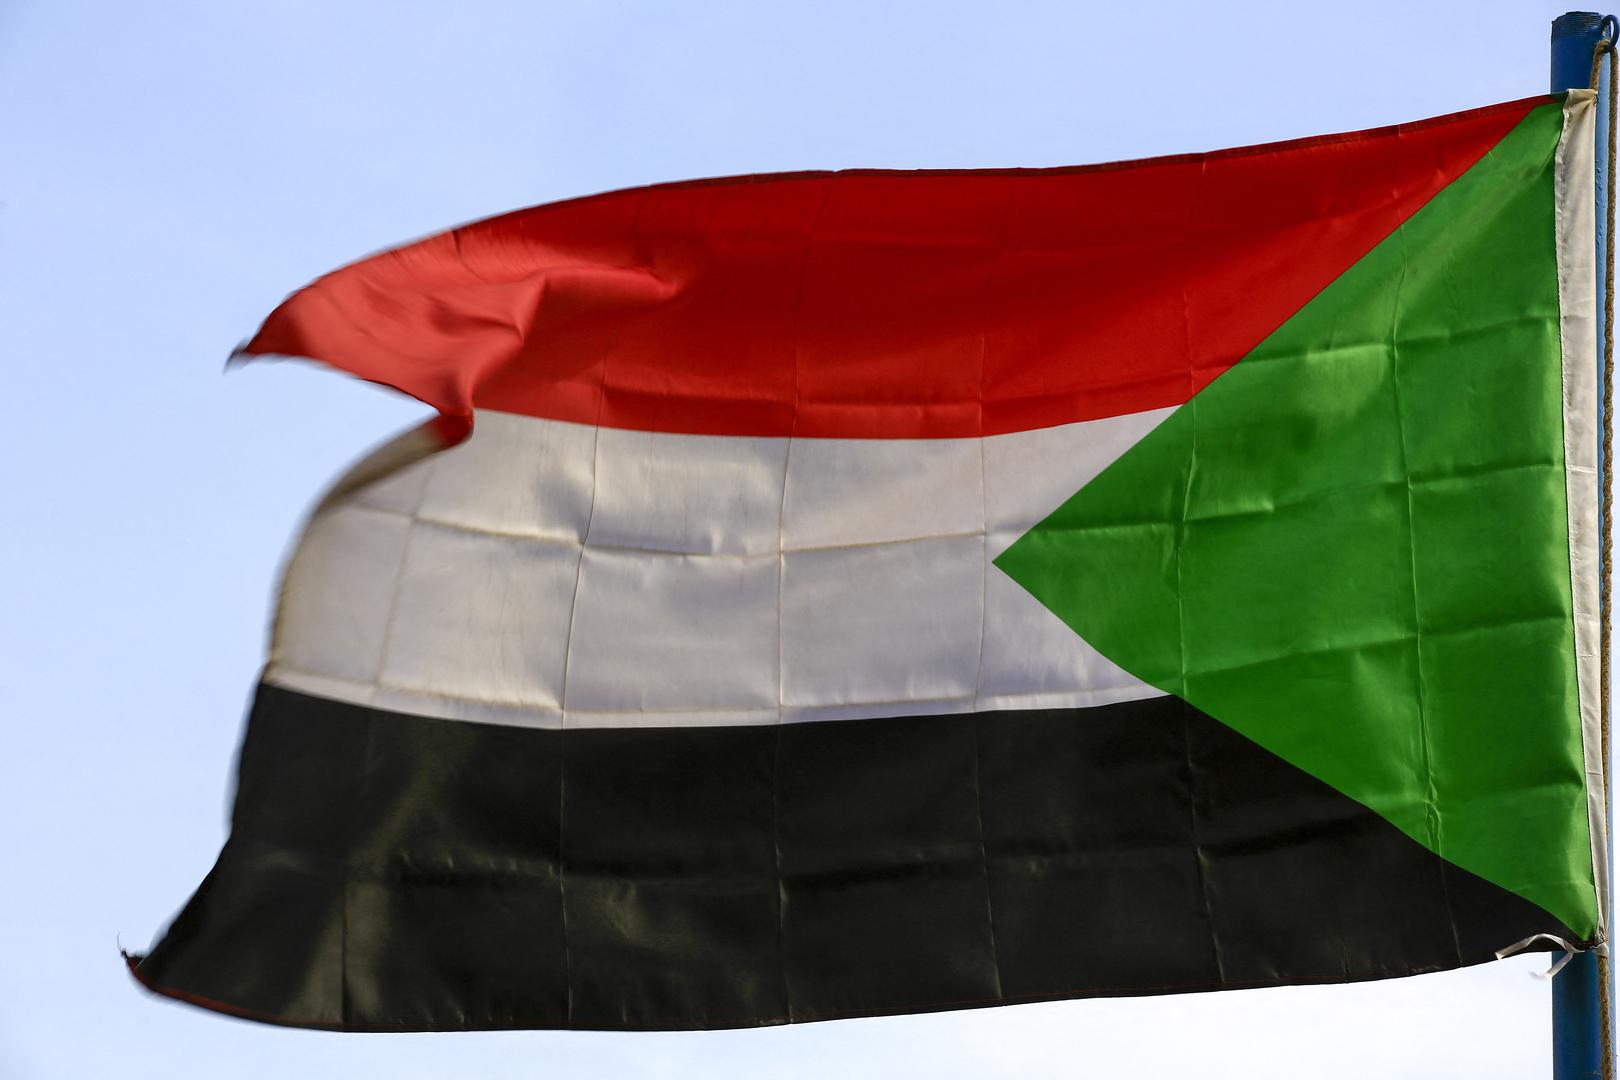 السودان: التعنت الإثيوبي بمفاوضات سد النهضة يحتم علينا التفكير في كل الخيارات الممكنة لحماية أمننا